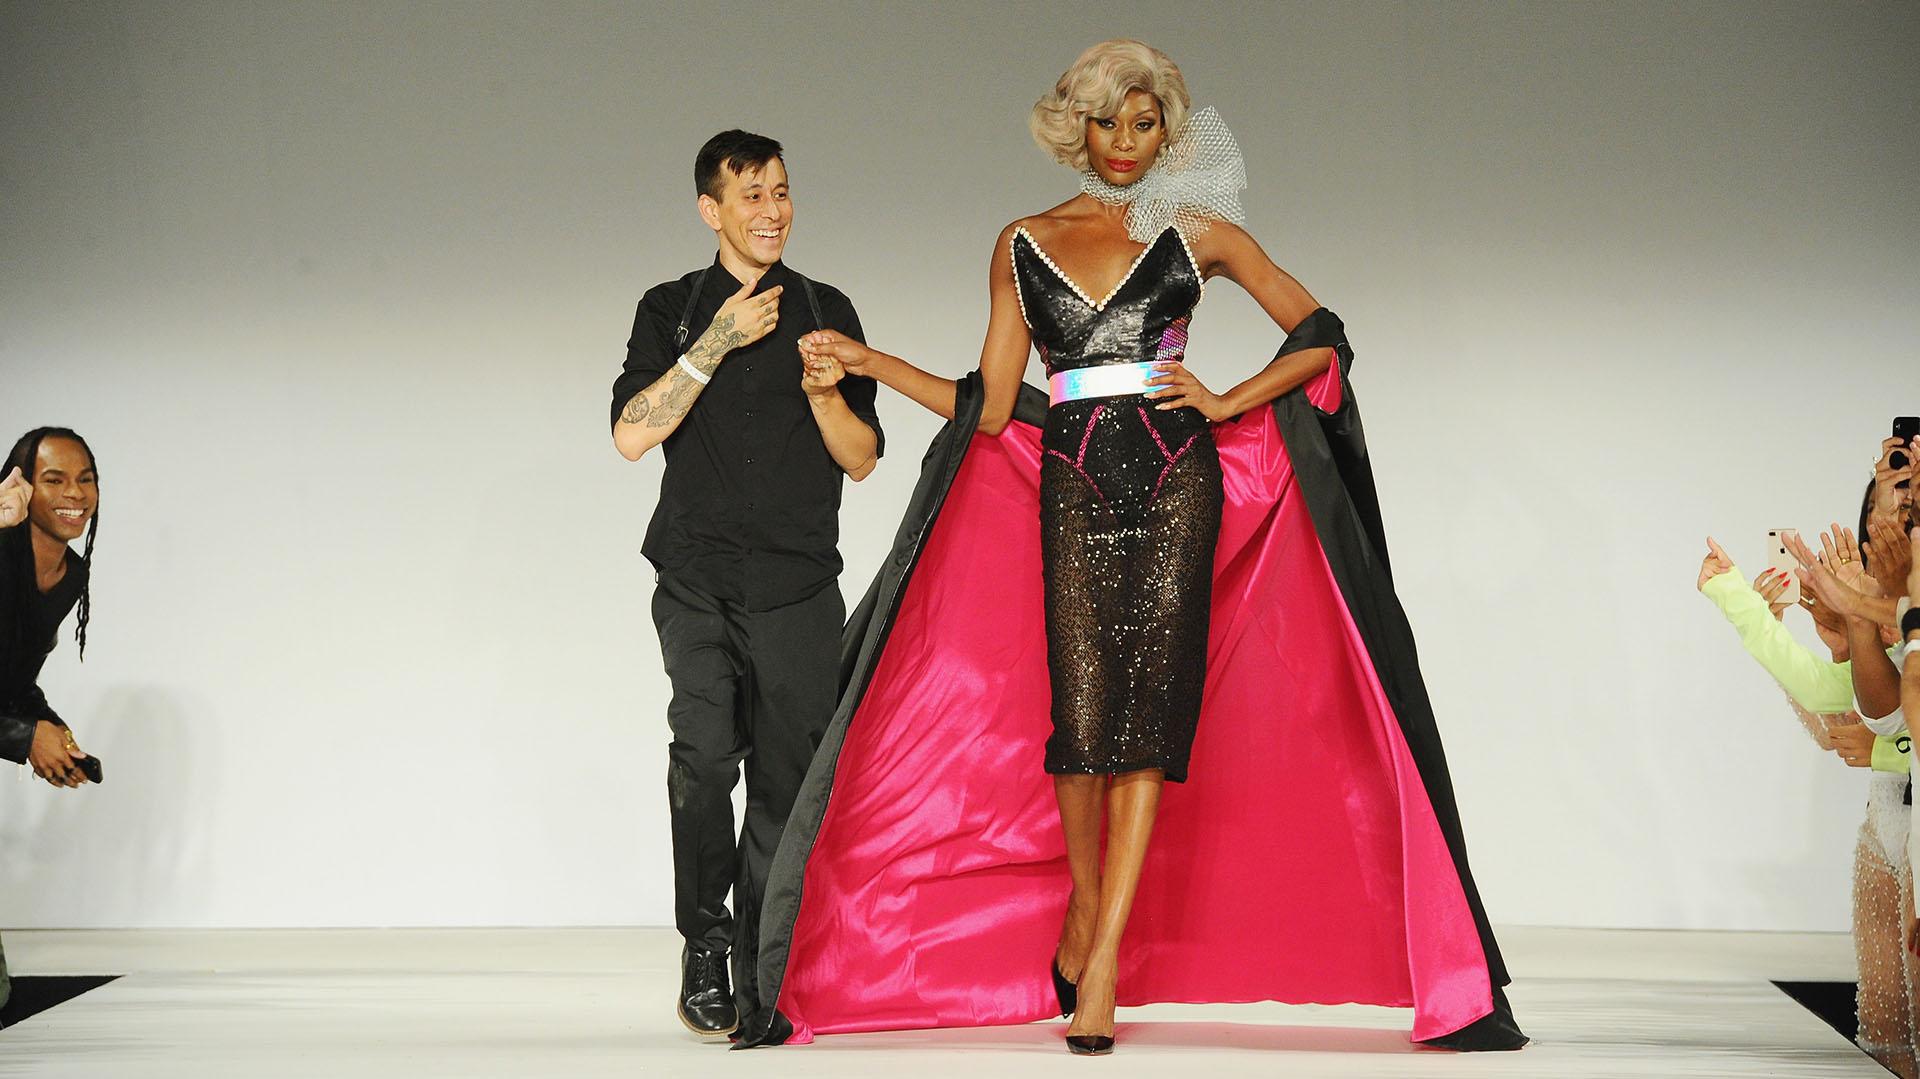 El diseñador de la firma: Marco Marco hizo historia con su desfile con modelos trans en el marco de la Semana de la Moda de Nueva York (Jennifer Graylock/Getty Images for Marco Marco/AFP)